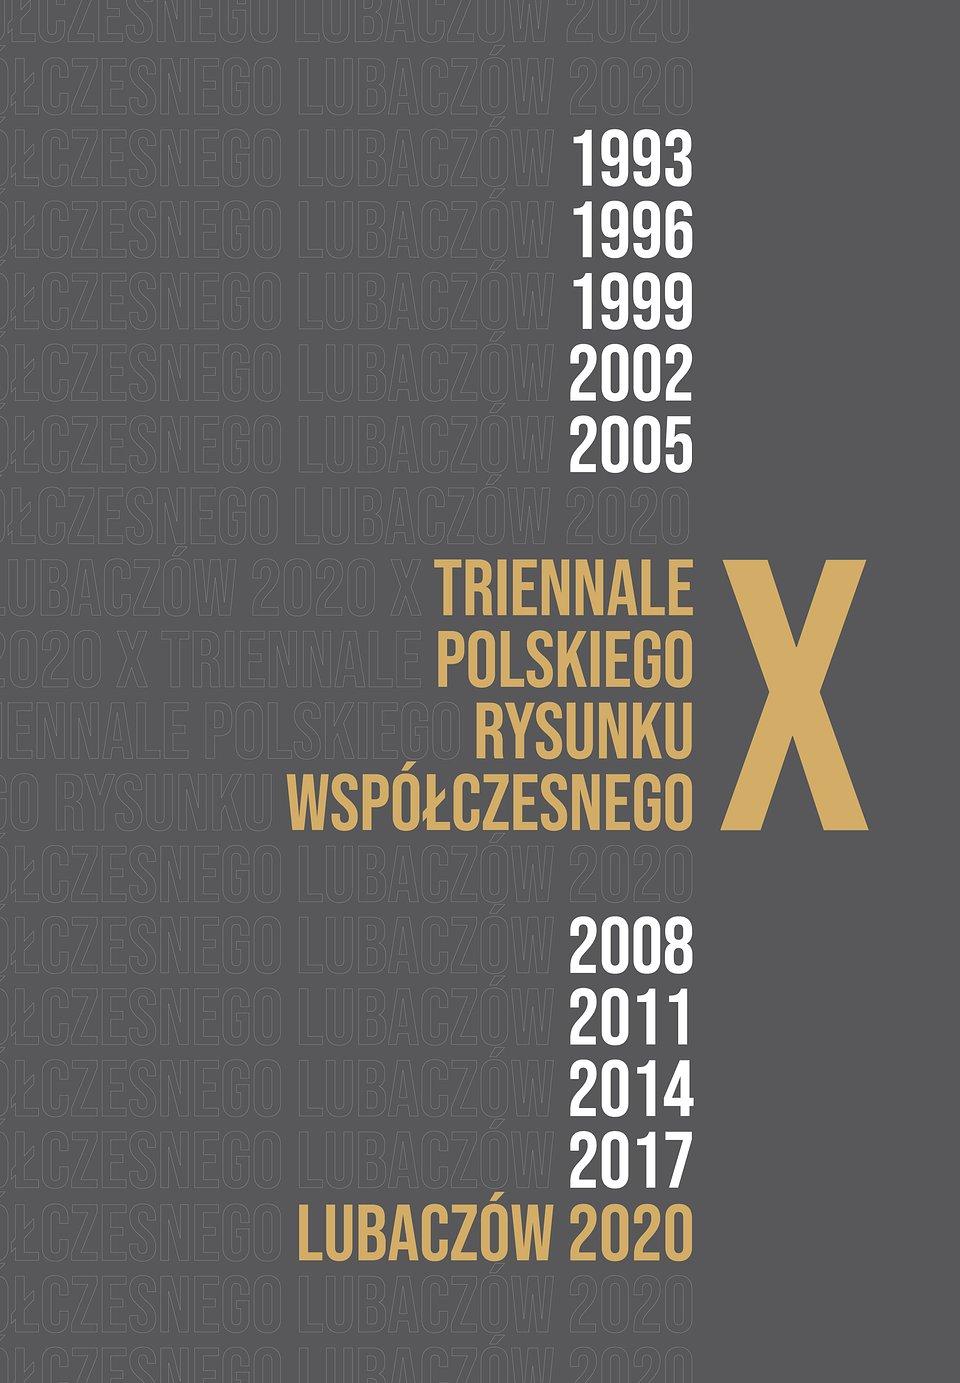 Okładka_X_triennale_2020_na stronę.jpg